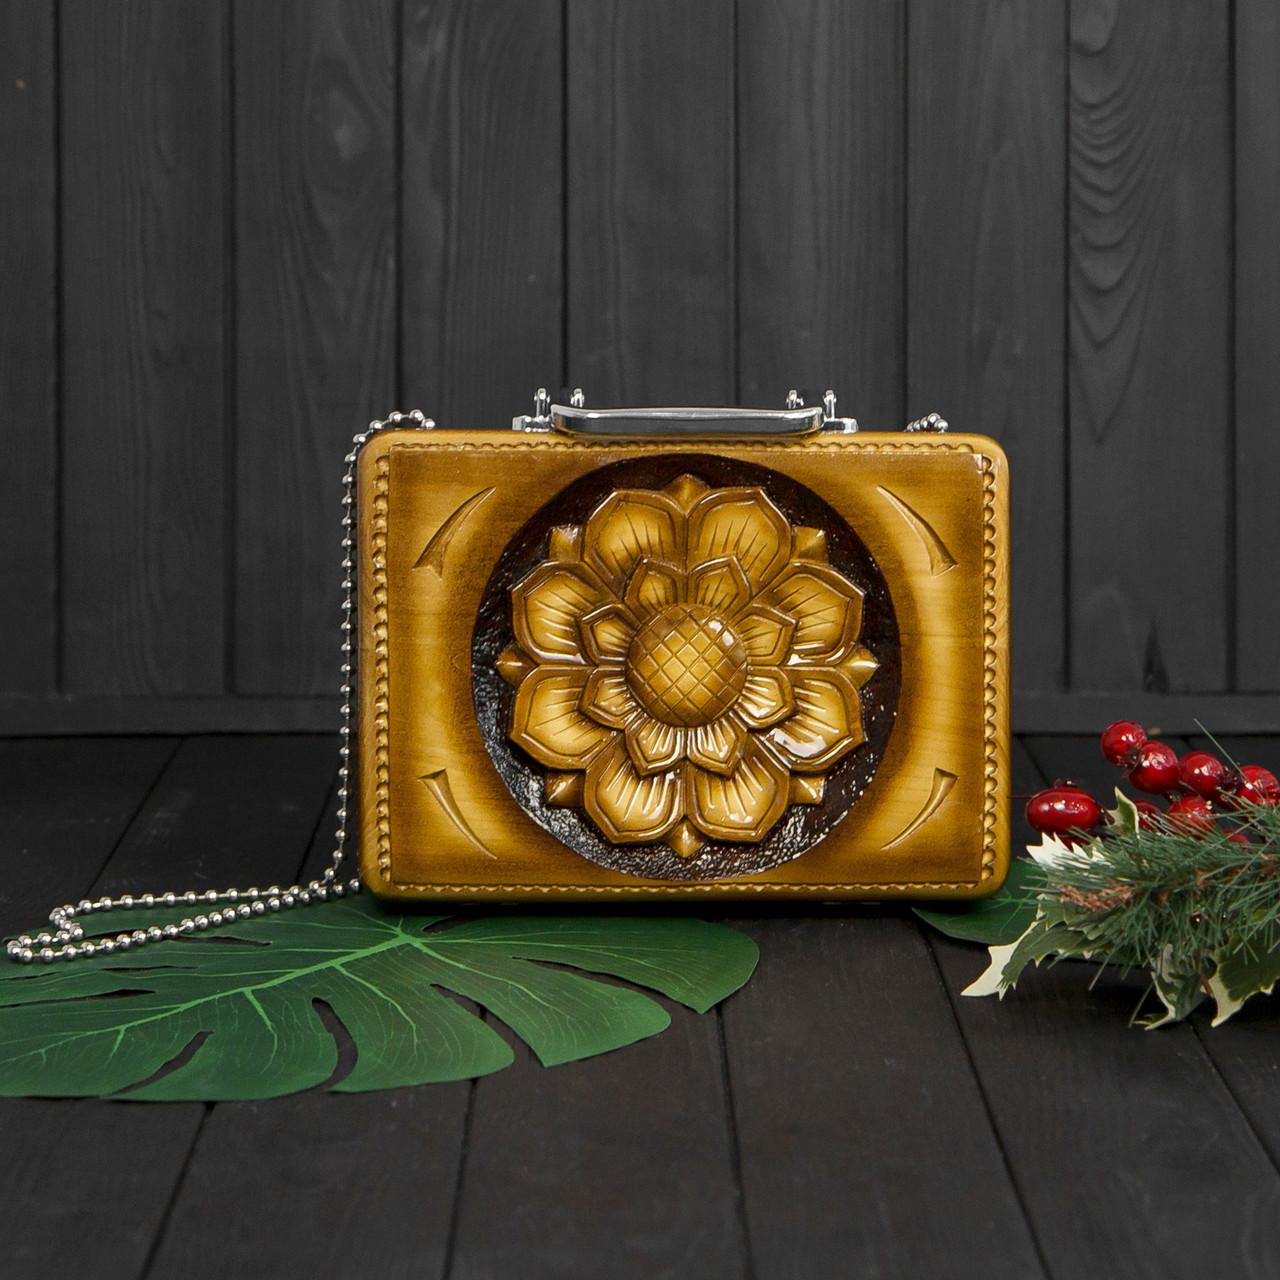 Компактная женская сумочка ручной работы из дерева, эксклюзив, STRYI, 25*18*8, фото 2